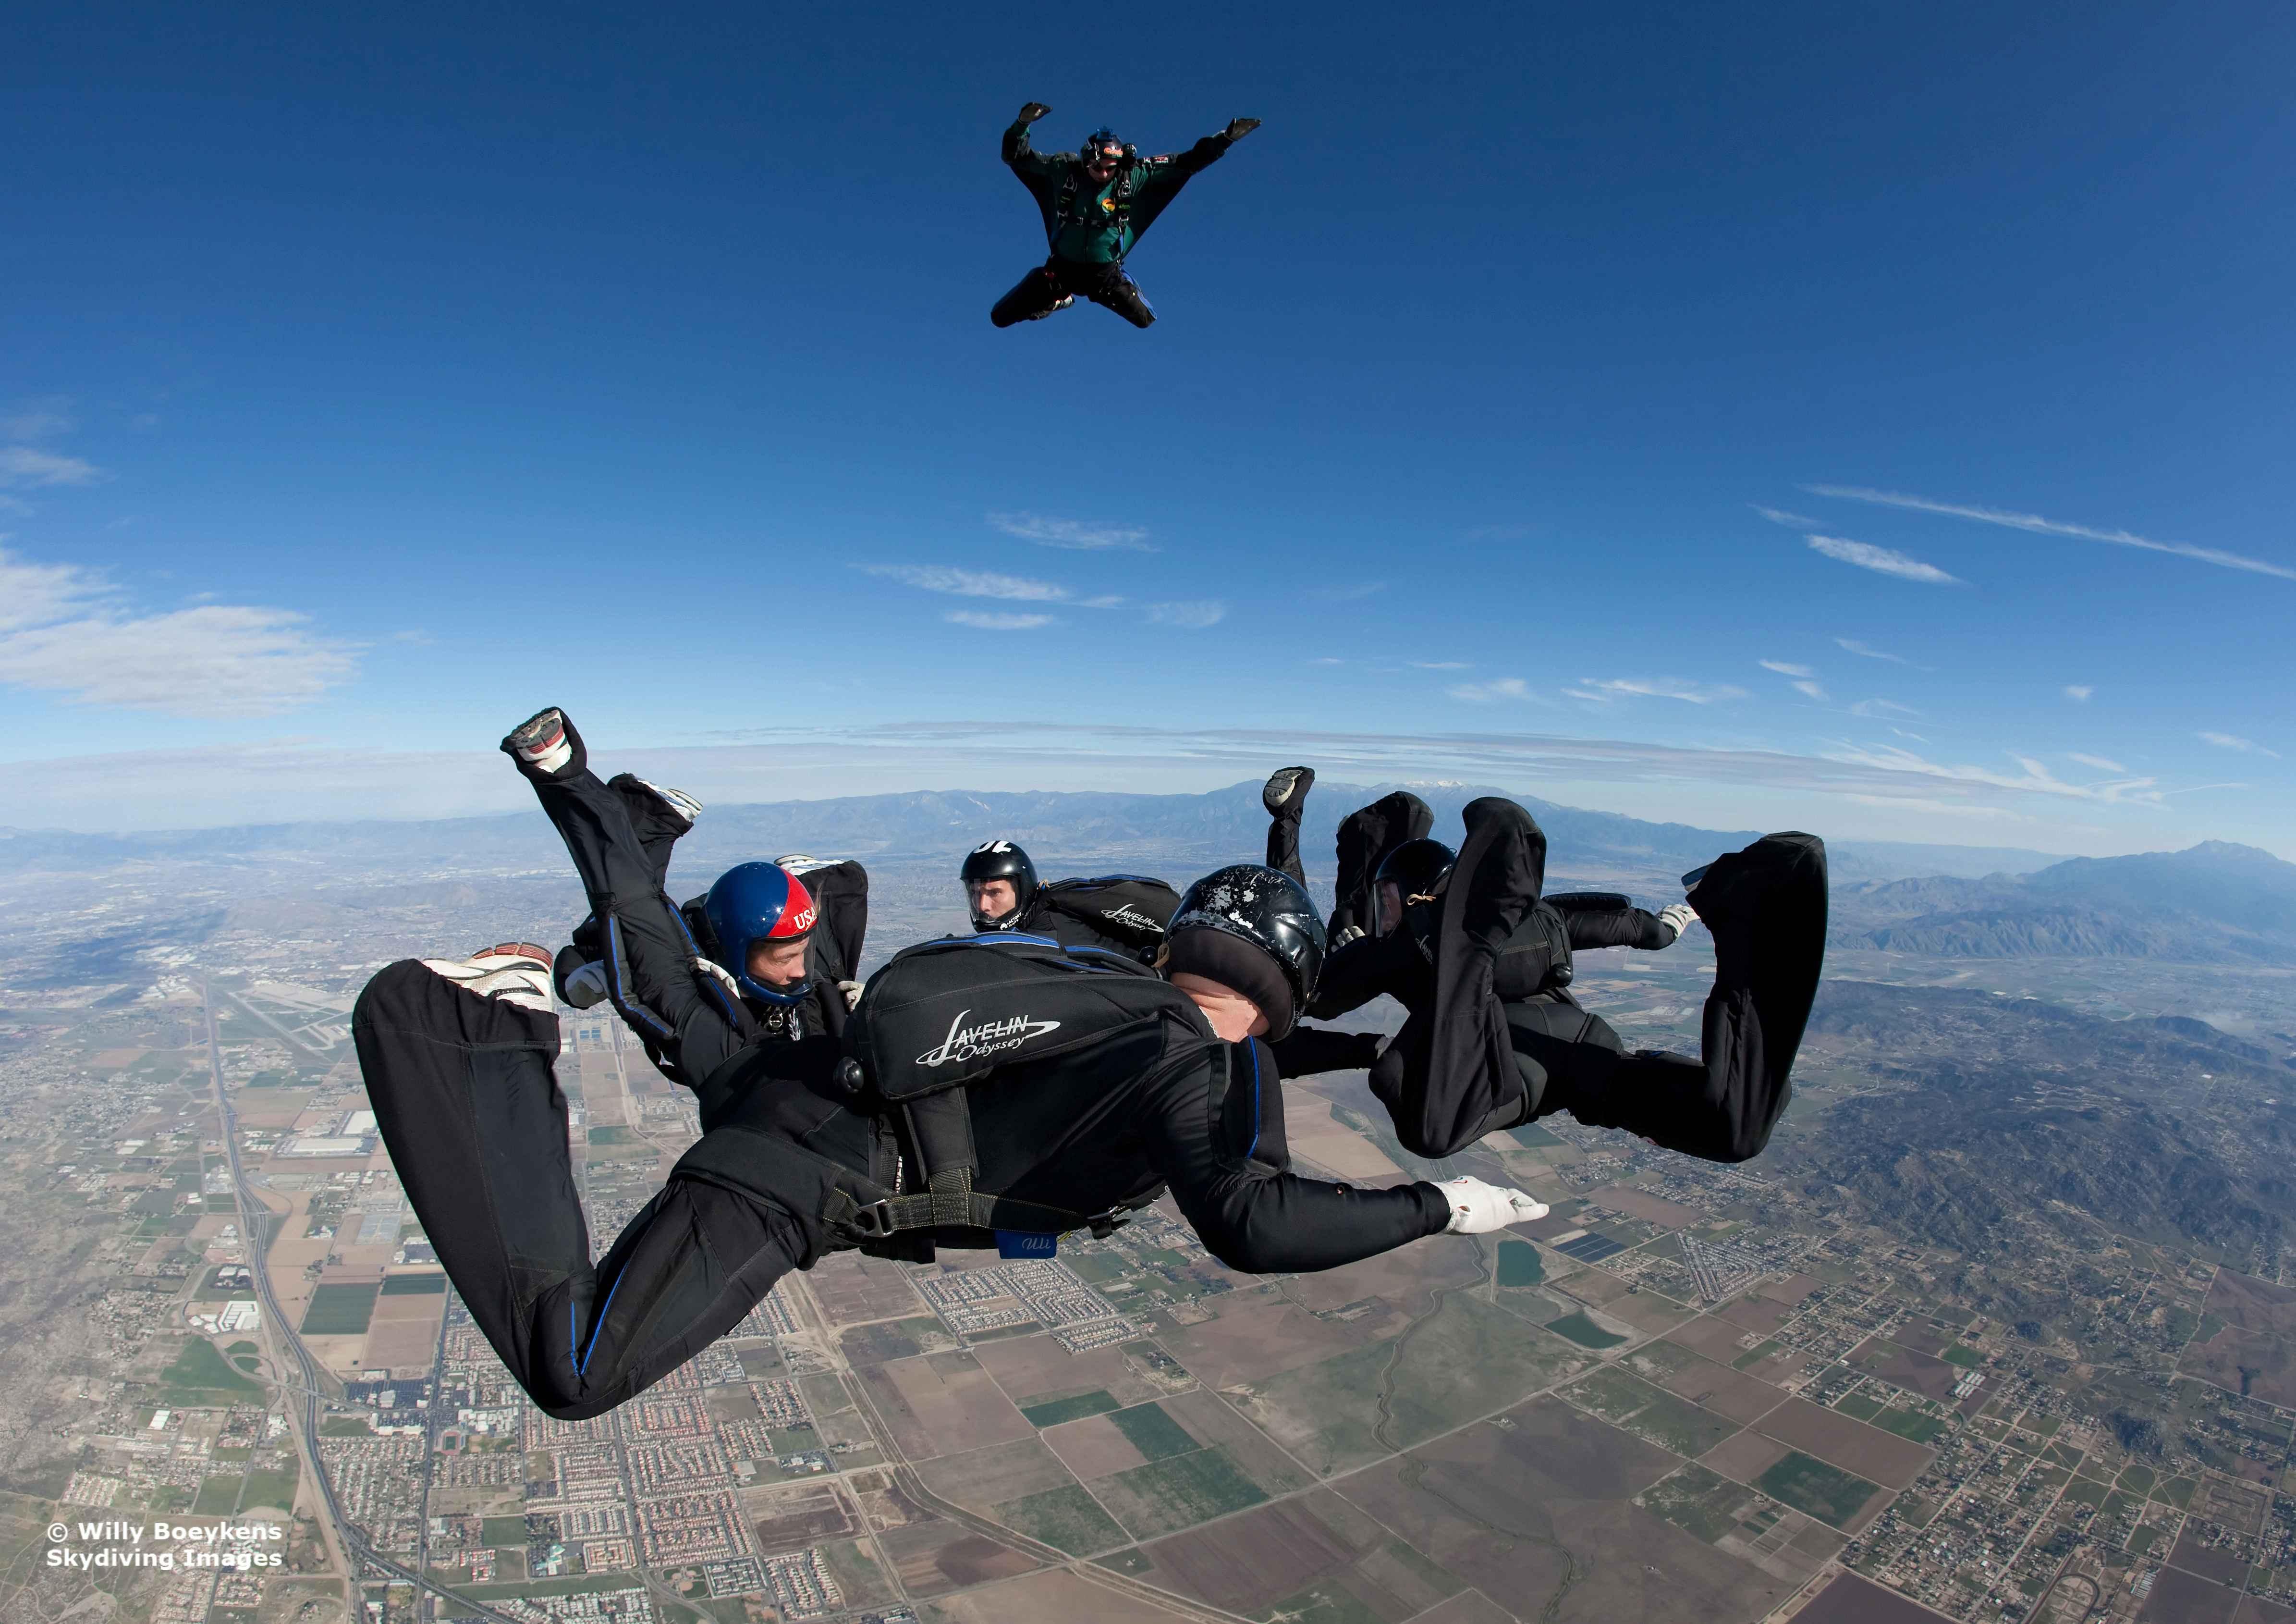 An all random jump has a nice steady pace